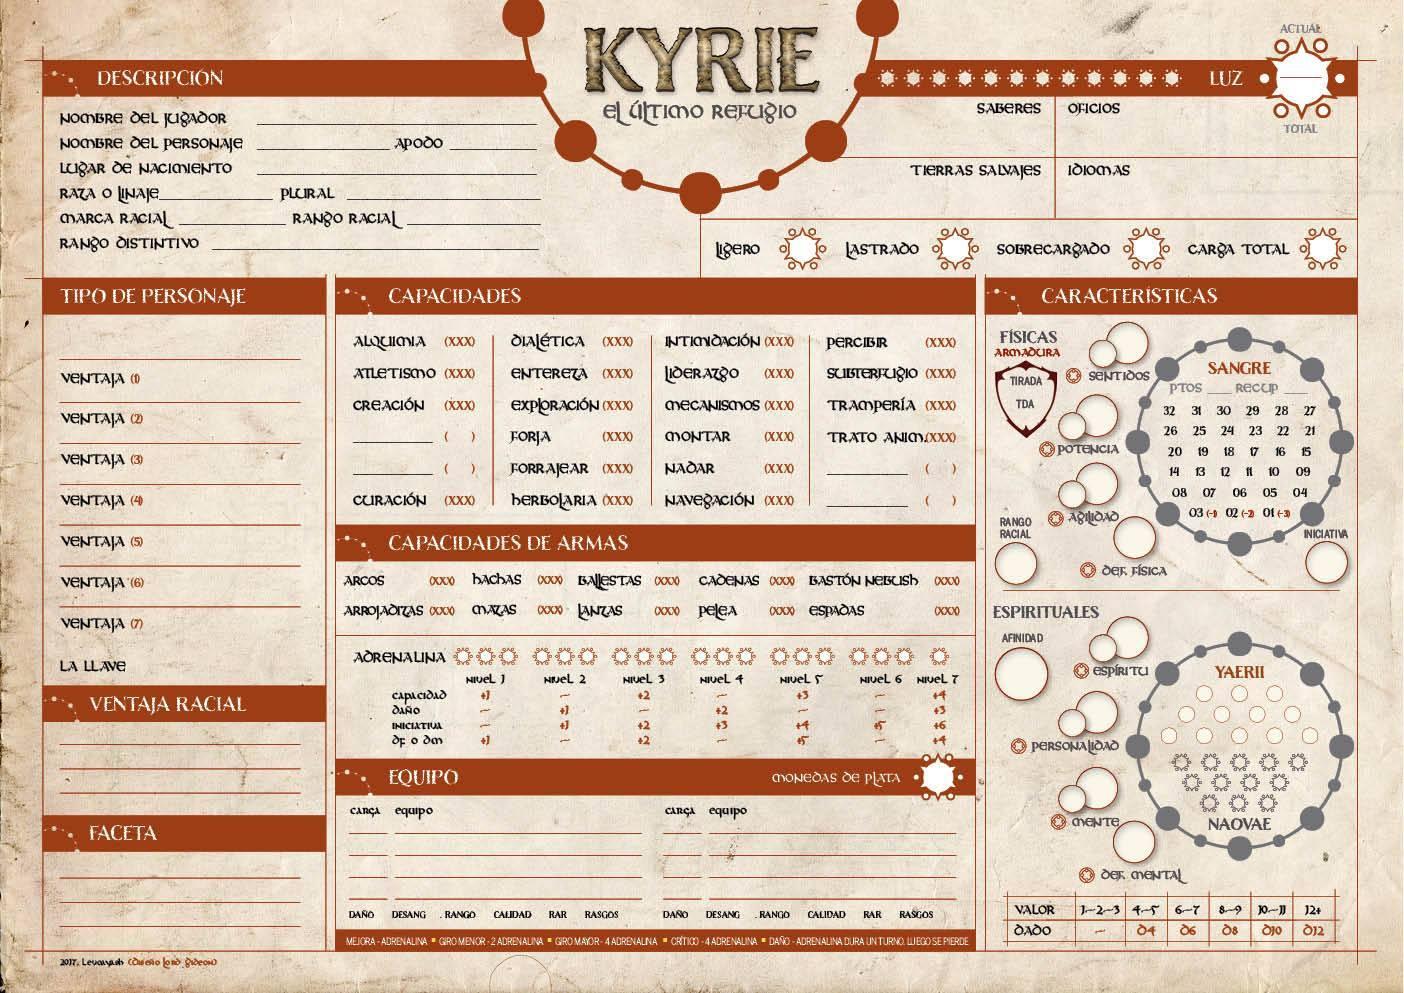 La taberna del Rol: Hojas De Personaje De Kyrie Juego De Rol